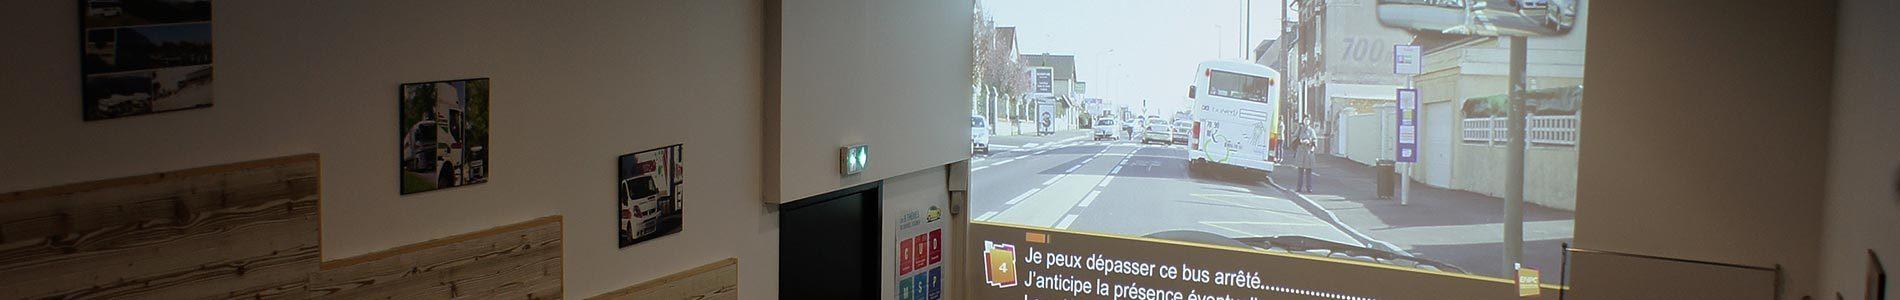 Mendiboure formation - Examen code de la route non-francophone